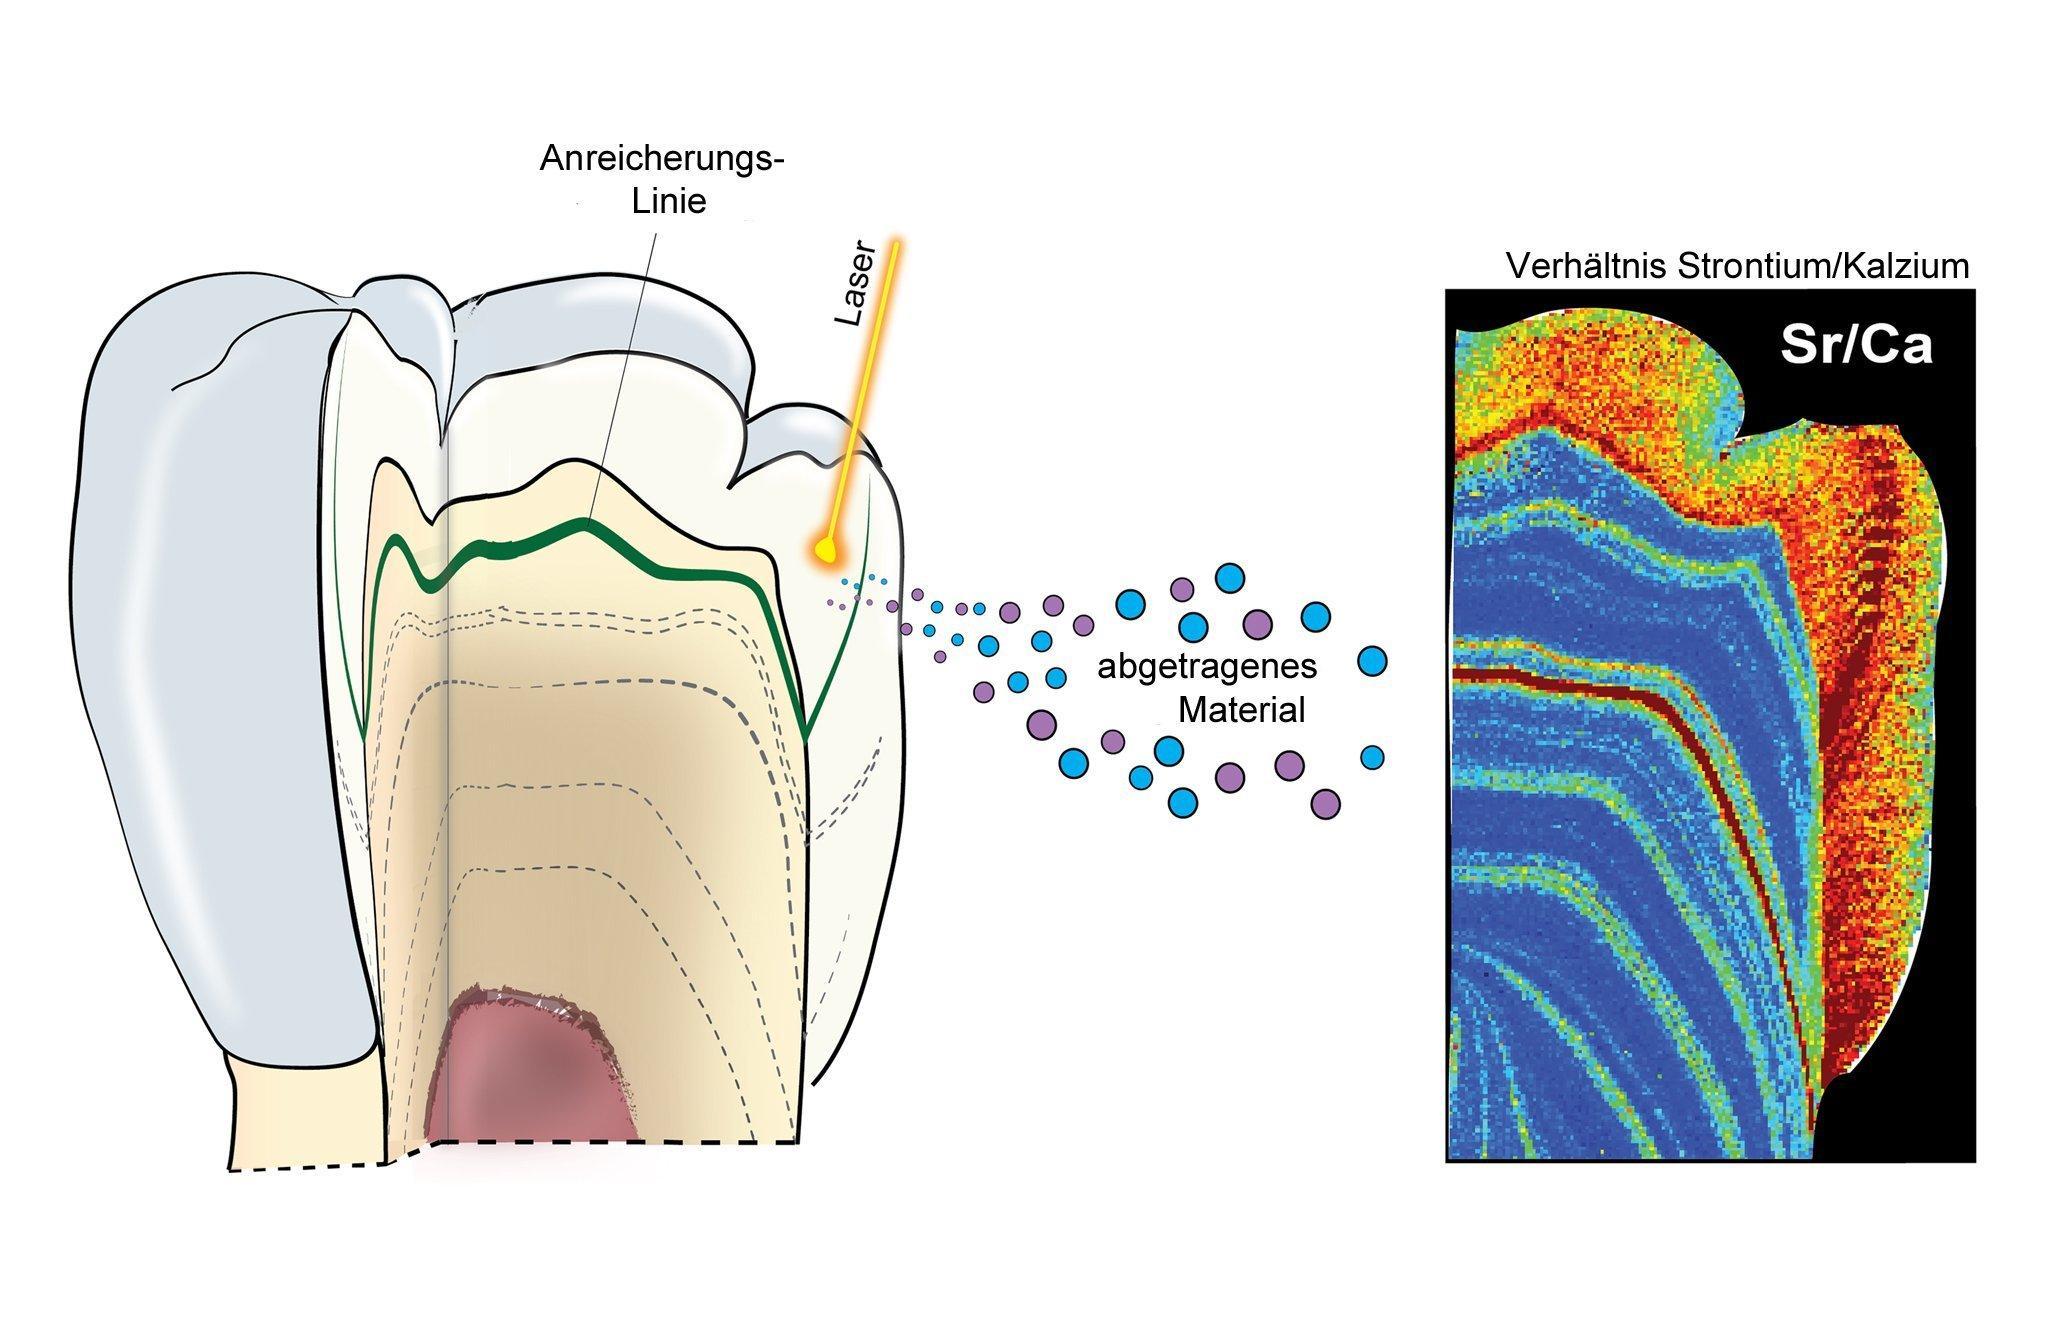 Die Illustration zeigt links einen aufgeschnittenen Zahn, dessen Inneres einen schichtweisen Aufbau erkennen lässt. Während der Zahn im Kiefer eines Kindes wächst, werden solche Schichten abgelagert – und je nach Ernährung reichern sich bestimmte Spurenelemente an. Zudem ist ein eingezeichneter Laserstrahl zu sehen, der vom Zahn winzige Mengen an Materials herauslöst, das die Forscher analysieren. Ganz rechts ist das Schnittbild eines Zahns zu erkennen, in dem das Verhältnis des Spurenelements Strontium zum Hauptelement Kalzium farbig dargestellt. Aus diesem Verhältnis können Forscher schließen, zu welchem Zeitpunkt während der Zahnentstehung ein Kind Muttermilch erhalten hat.